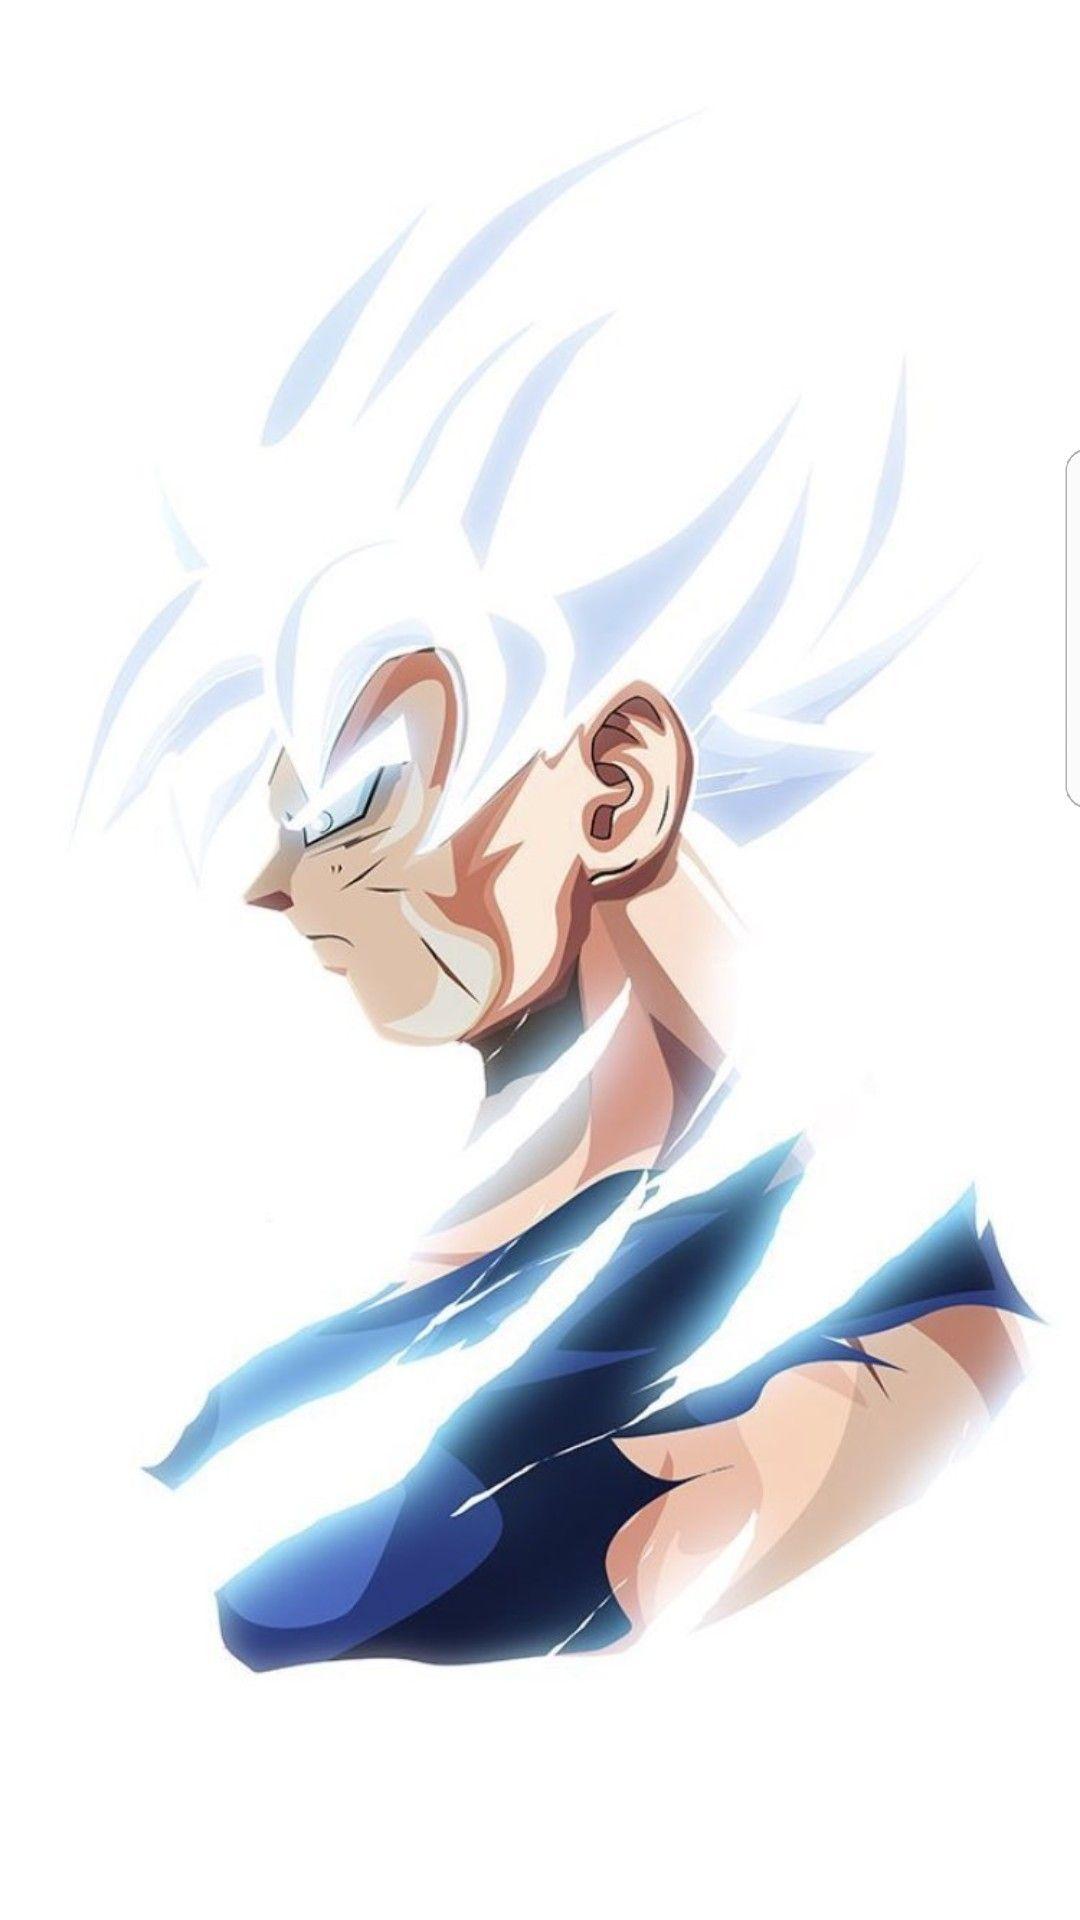 Master Ultra Instict Goku Art By Bosslogic Dragon Ball Super Goku Anime Dragon Ball Super Dragon Ball Super Wallpapers